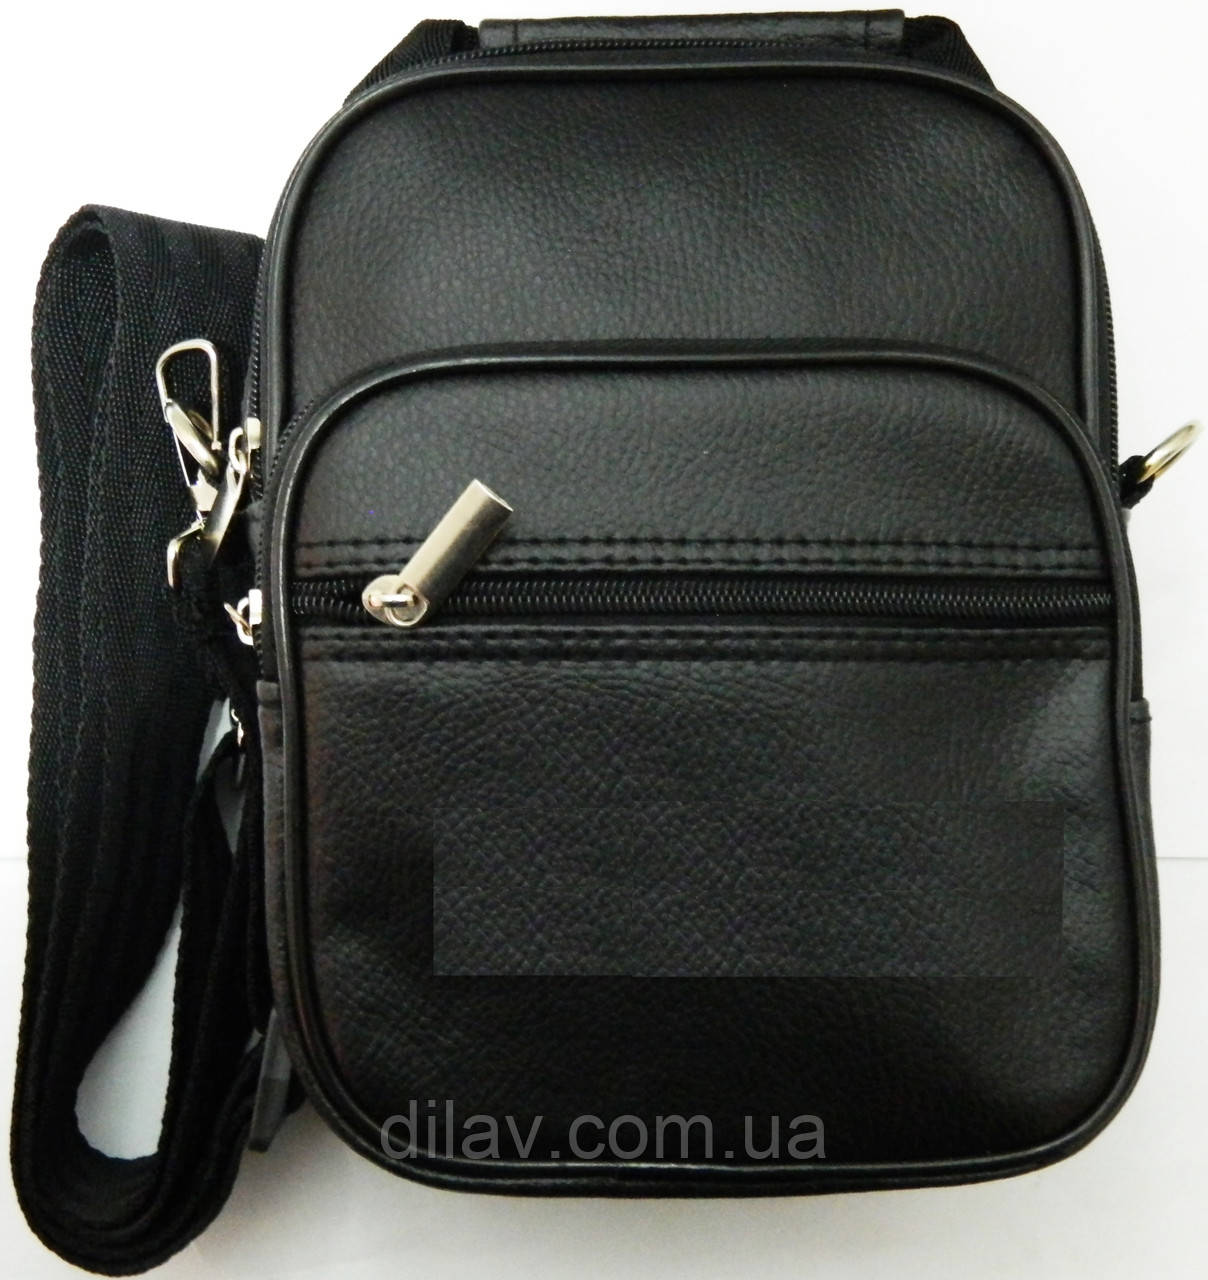 05560a3340c1 Барсетка спортивная чёрная сделана из искуственой кожи 20х16 - DILAV -  оптовый интернет магазин аксессуаров в